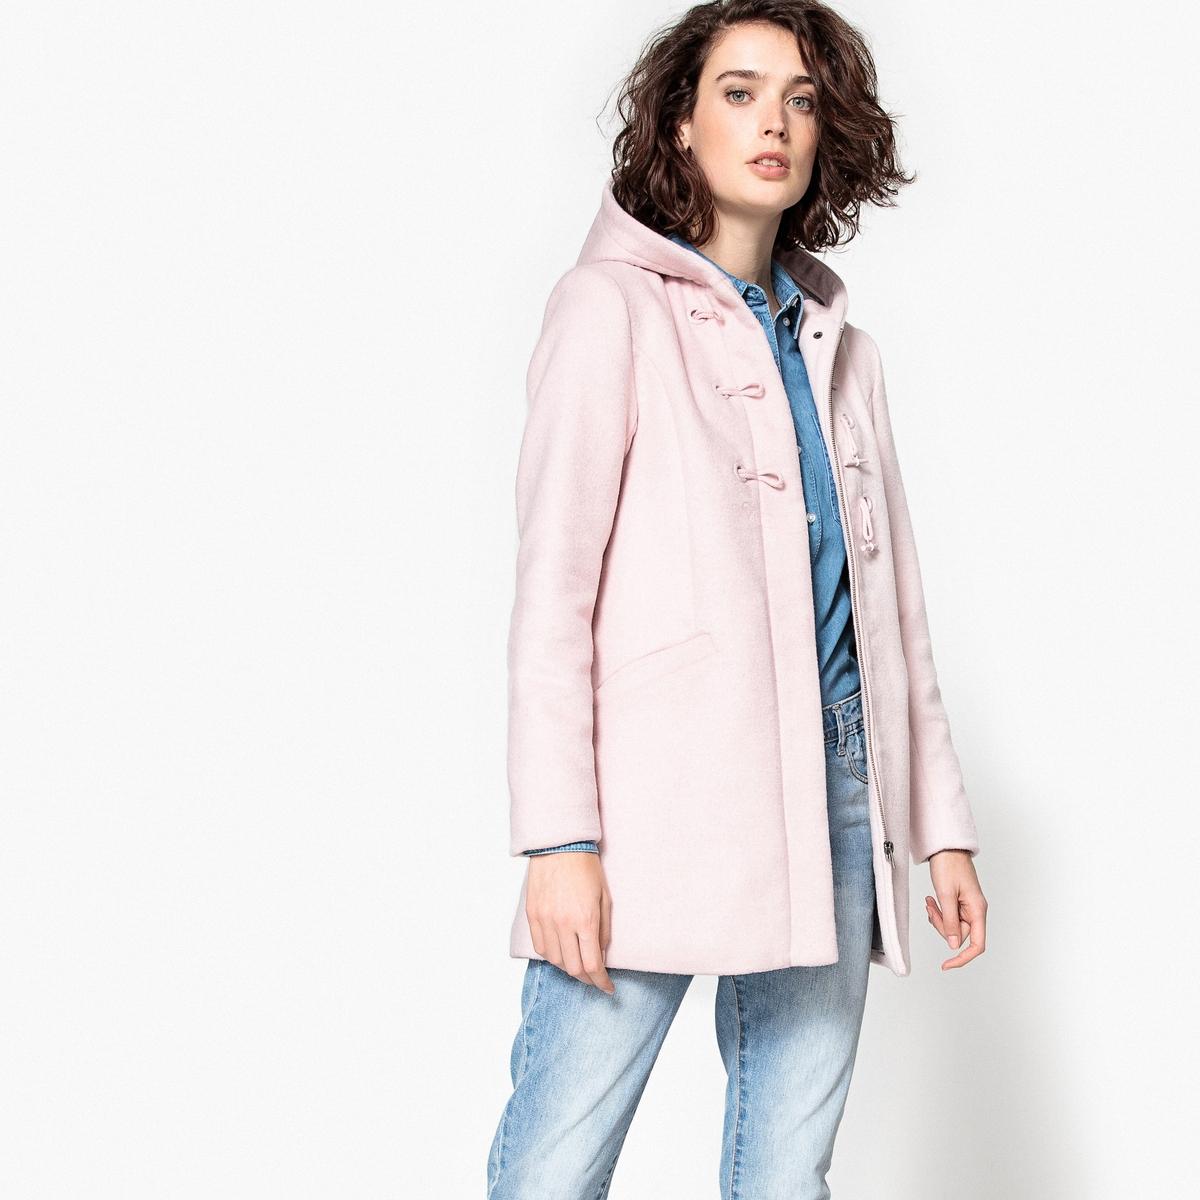 Короткое пальто с капюшономОписание:Пальто из смесовой шерсти, прямой покрой с фигурными пуговицами . Полностью на подкладке.Детали •  Длина : средняя •  Капюшон •  Застежка на крючок •  С капюшономСостав и уход •  40% шерсти, 5% других волокон, 55% полиэстера •  Подкладка : 100% полиэстер • Не стирать •  Деликатная чистка/без отбеливателей •  Не использовать барабанную сушку   •  Не гладить •  Длина : 80 см<br><br>Цвет: розовое драже,серый меланж<br>Размер: 34 (FR) - 40 (RUS).34 (FR) - 40 (RUS).40 (FR) - 46 (RUS).46 (FR) - 52 (RUS).40 (FR) - 46 (RUS)